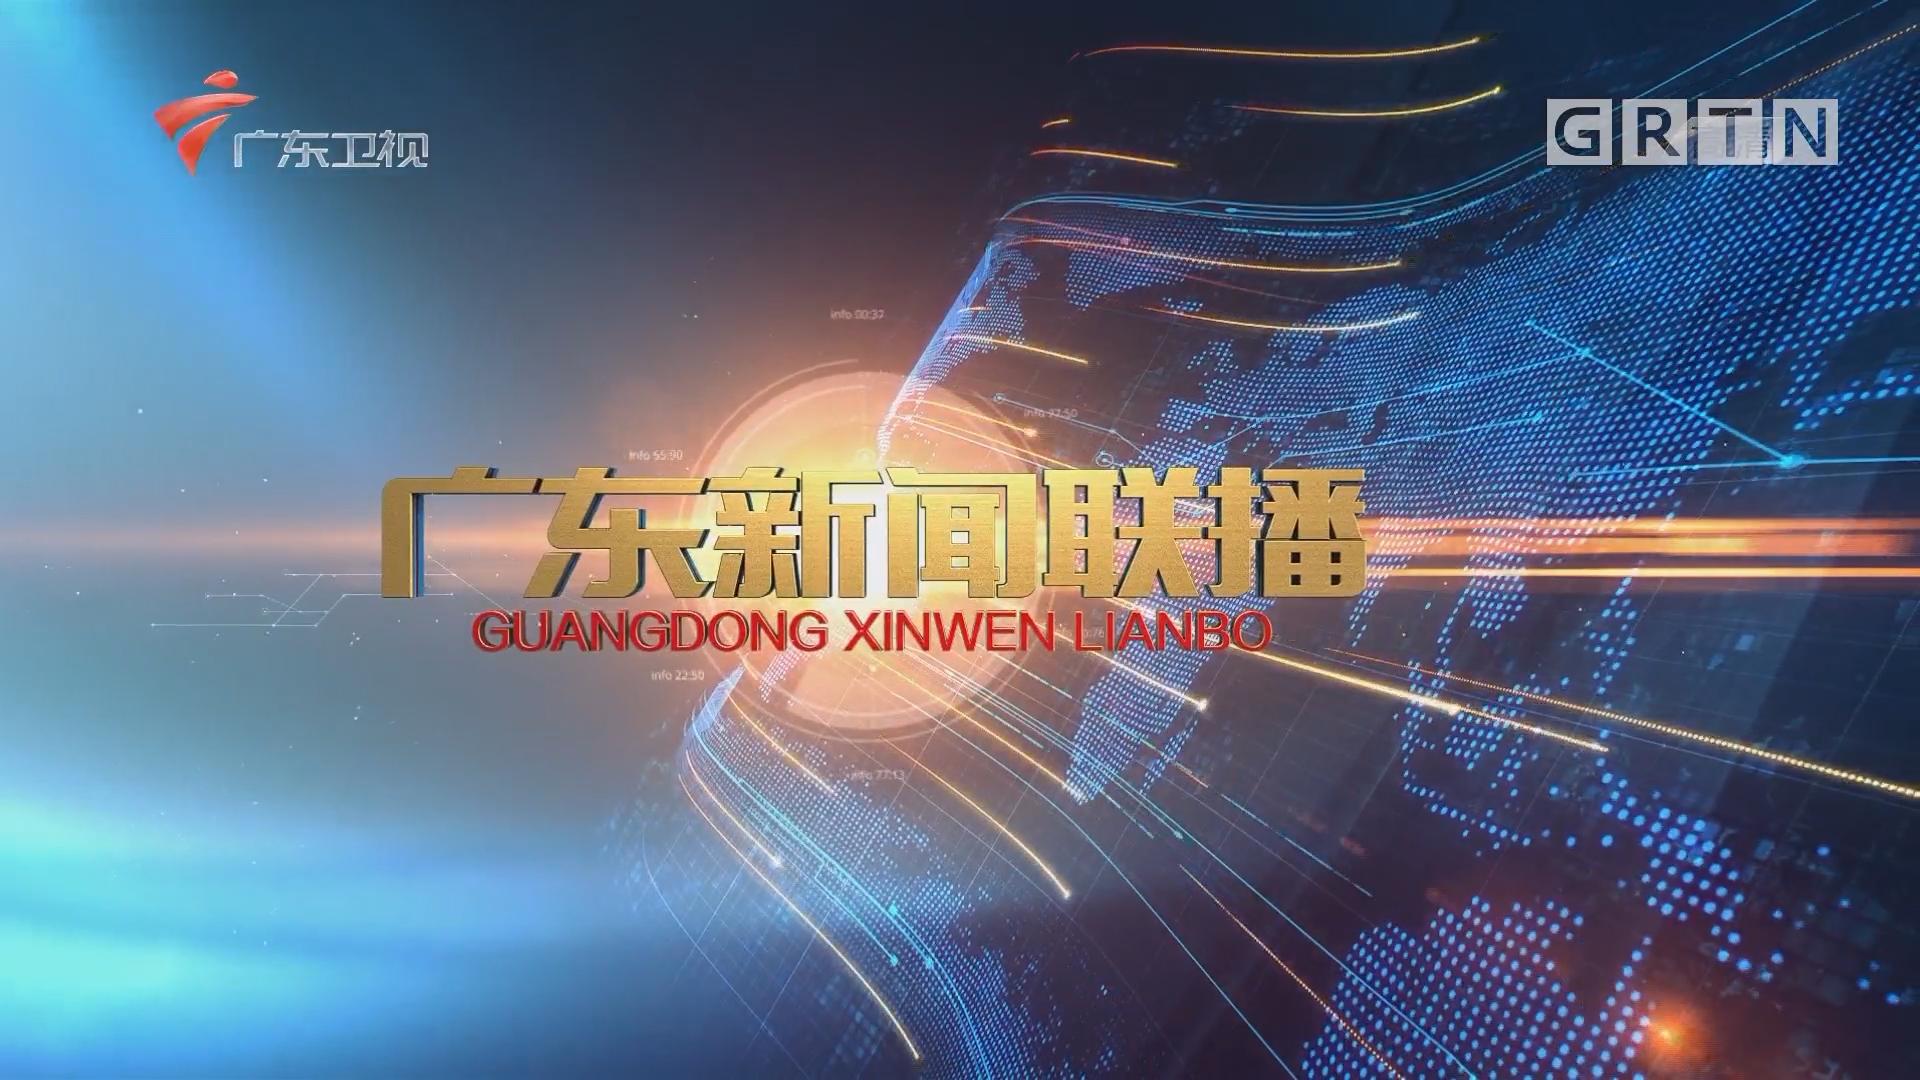 [HD][2018-08-02]广东新闻联播:广东:科技孵化育成体系建设实现量质齐升